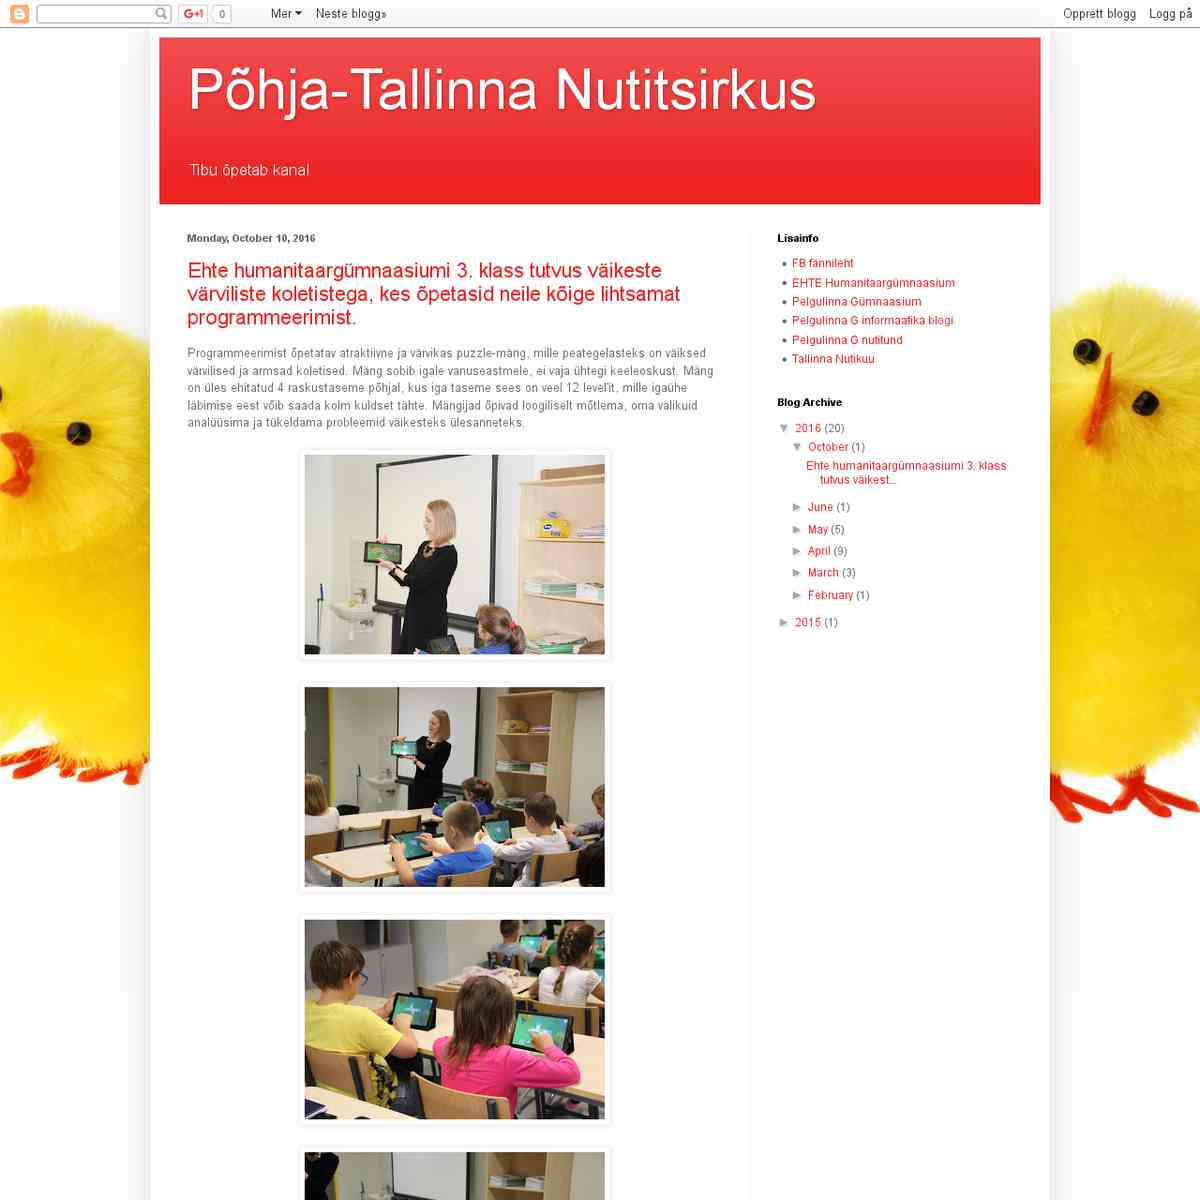 Põhja-Tallinna Nutitsirkus